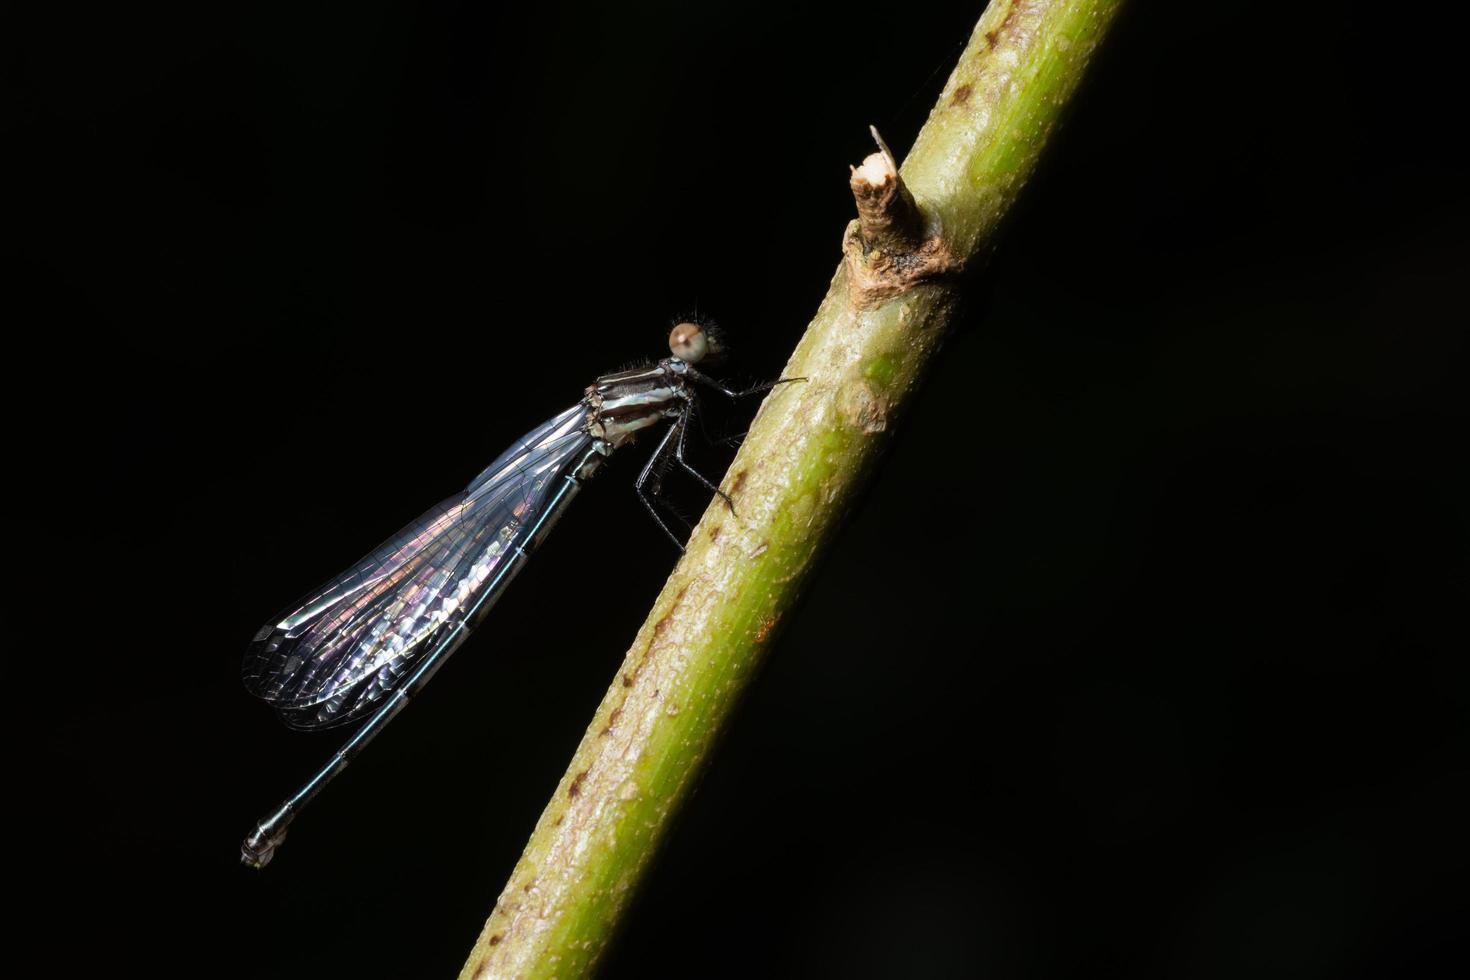 la libellula si arrampica sul gambo della pianta foto